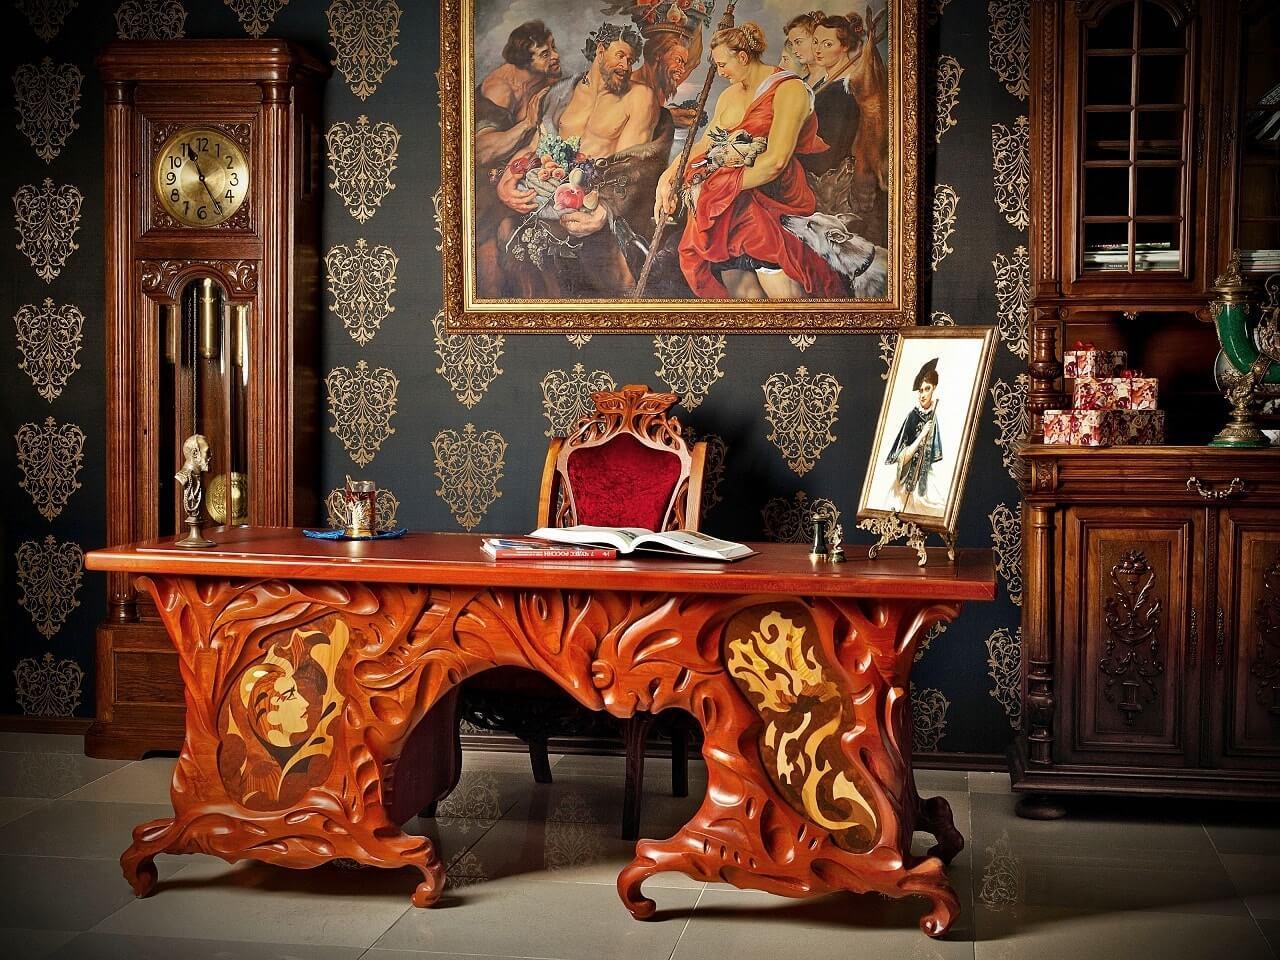 Резная мебель, варианты, достоинства и недостатки, фото - Rehouz